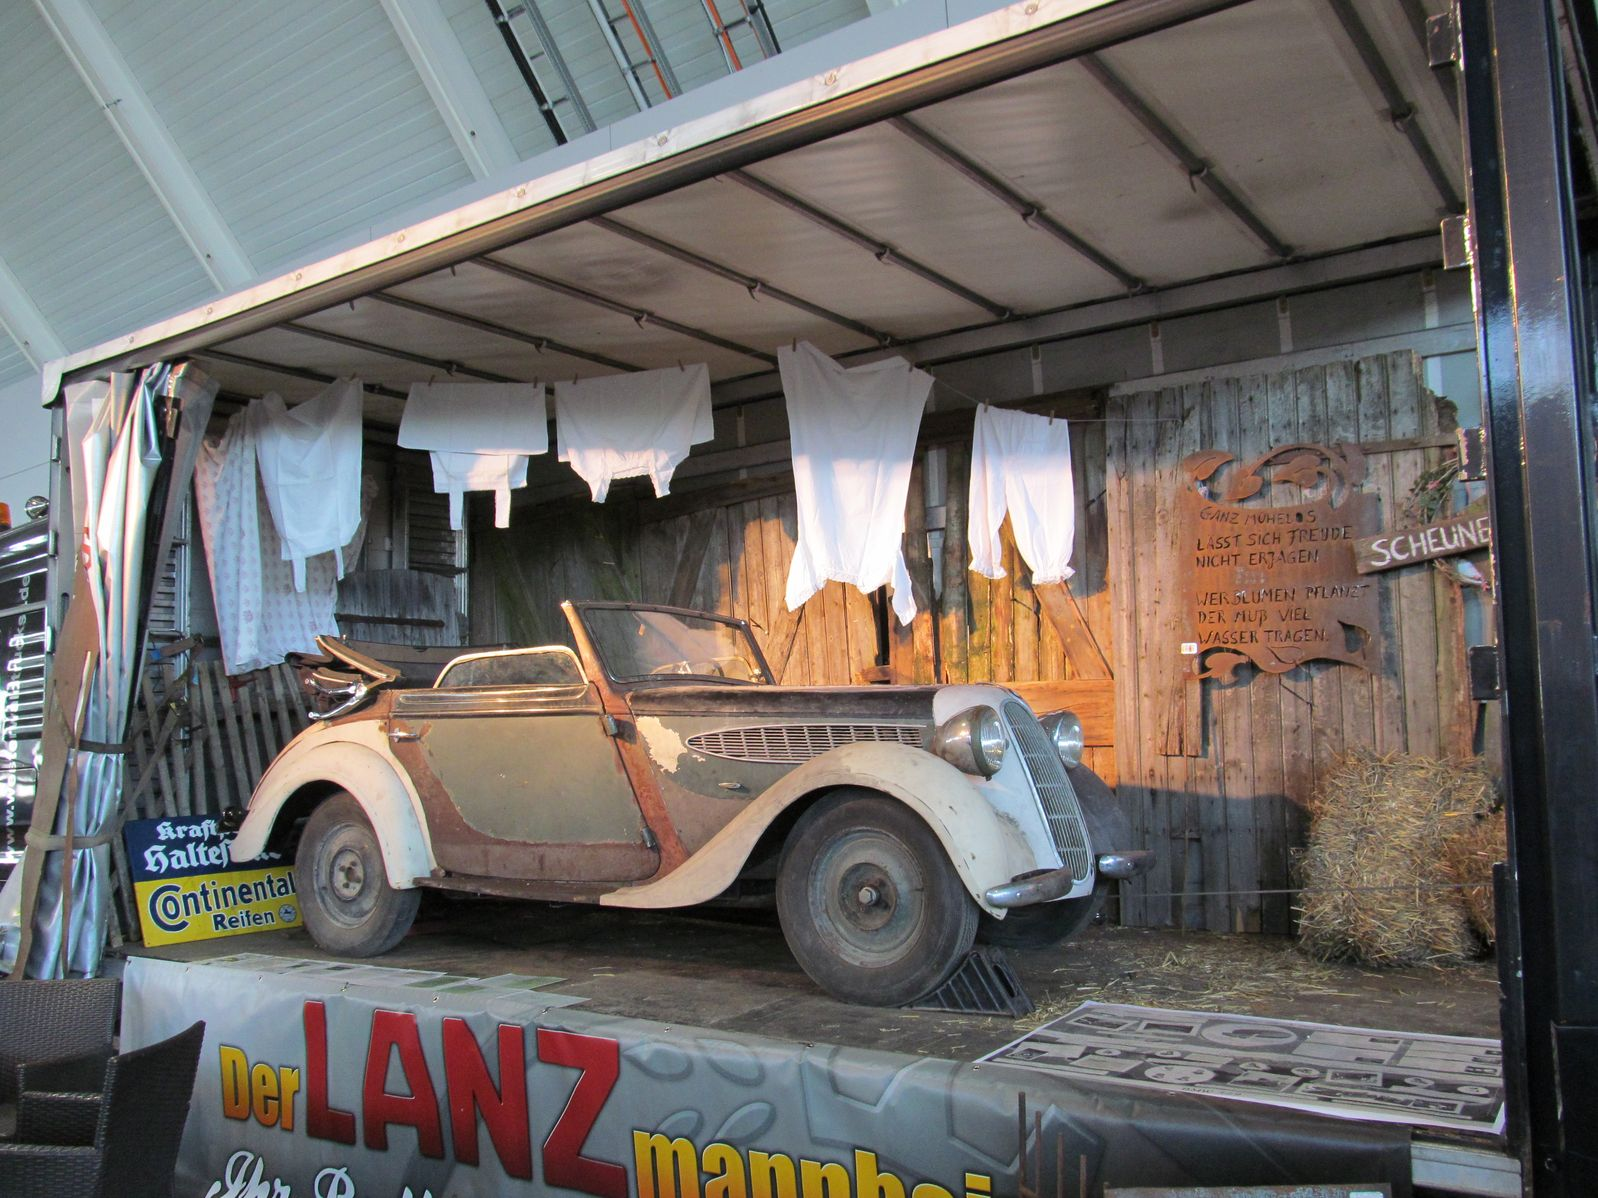 bmw coupe sports allemagne retro classics stuttgart mars 2013 epave demolition d 39 autos. Black Bedroom Furniture Sets. Home Design Ideas